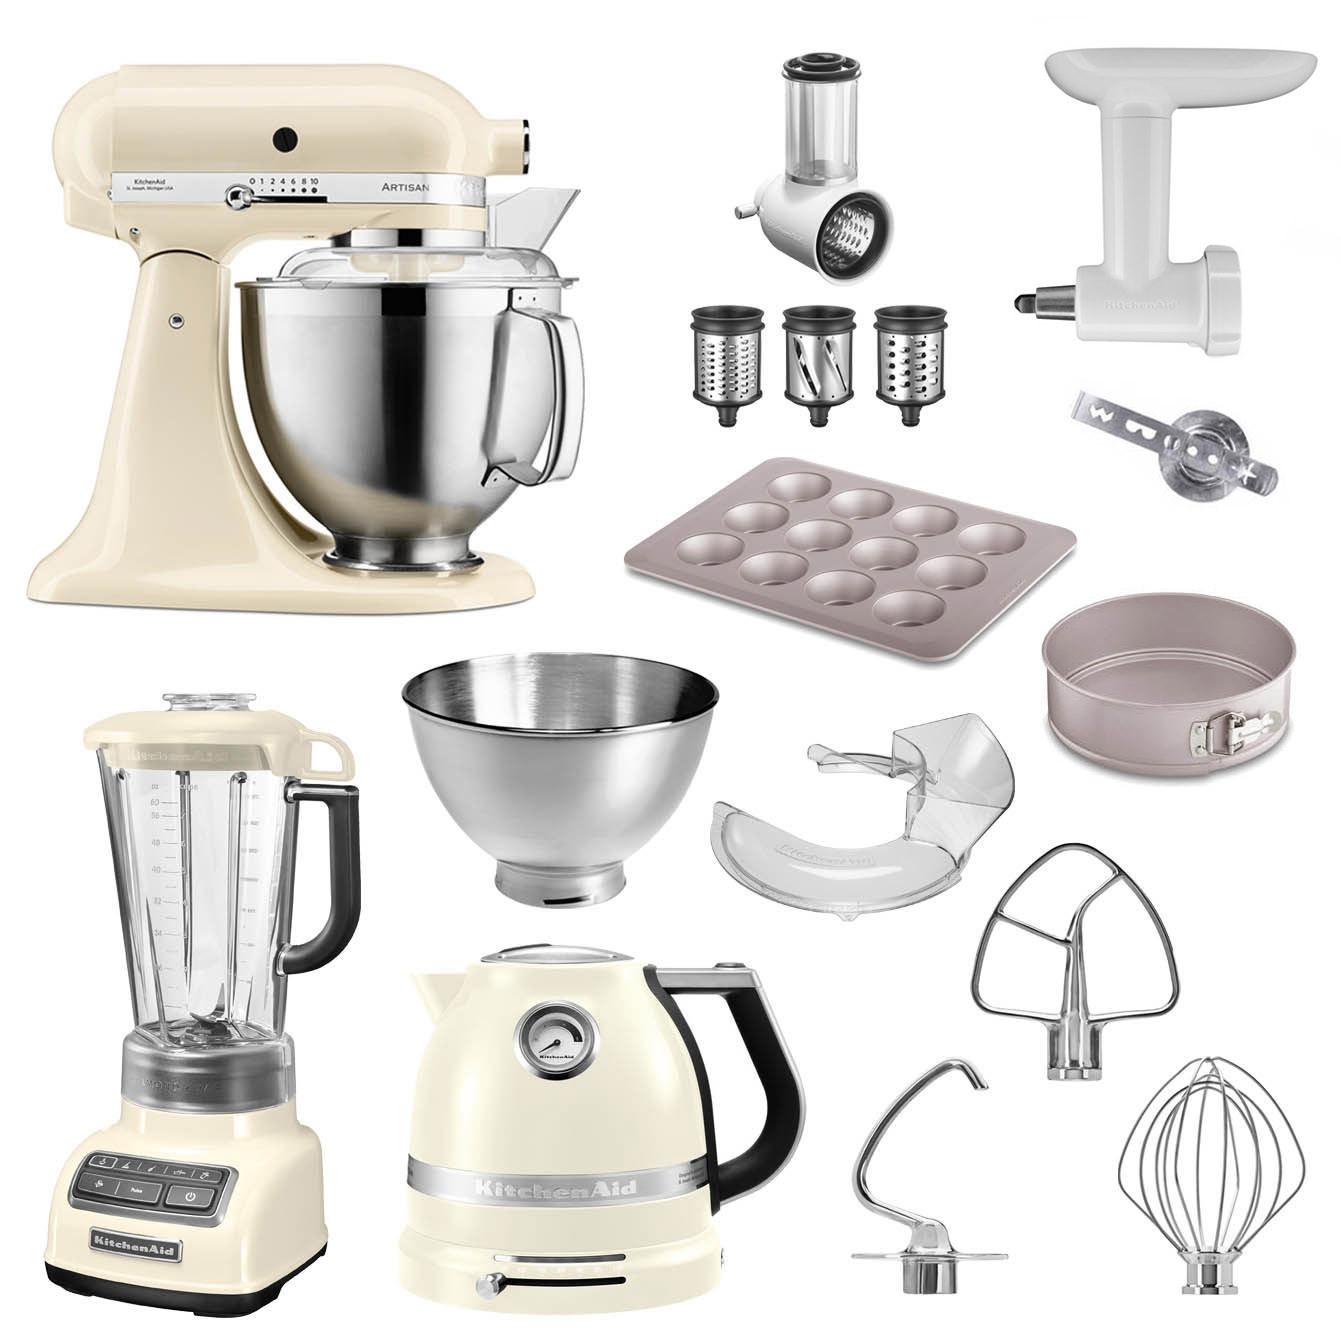 KitchenAid Küchenmaschine 185PS Sonder-Paket creme